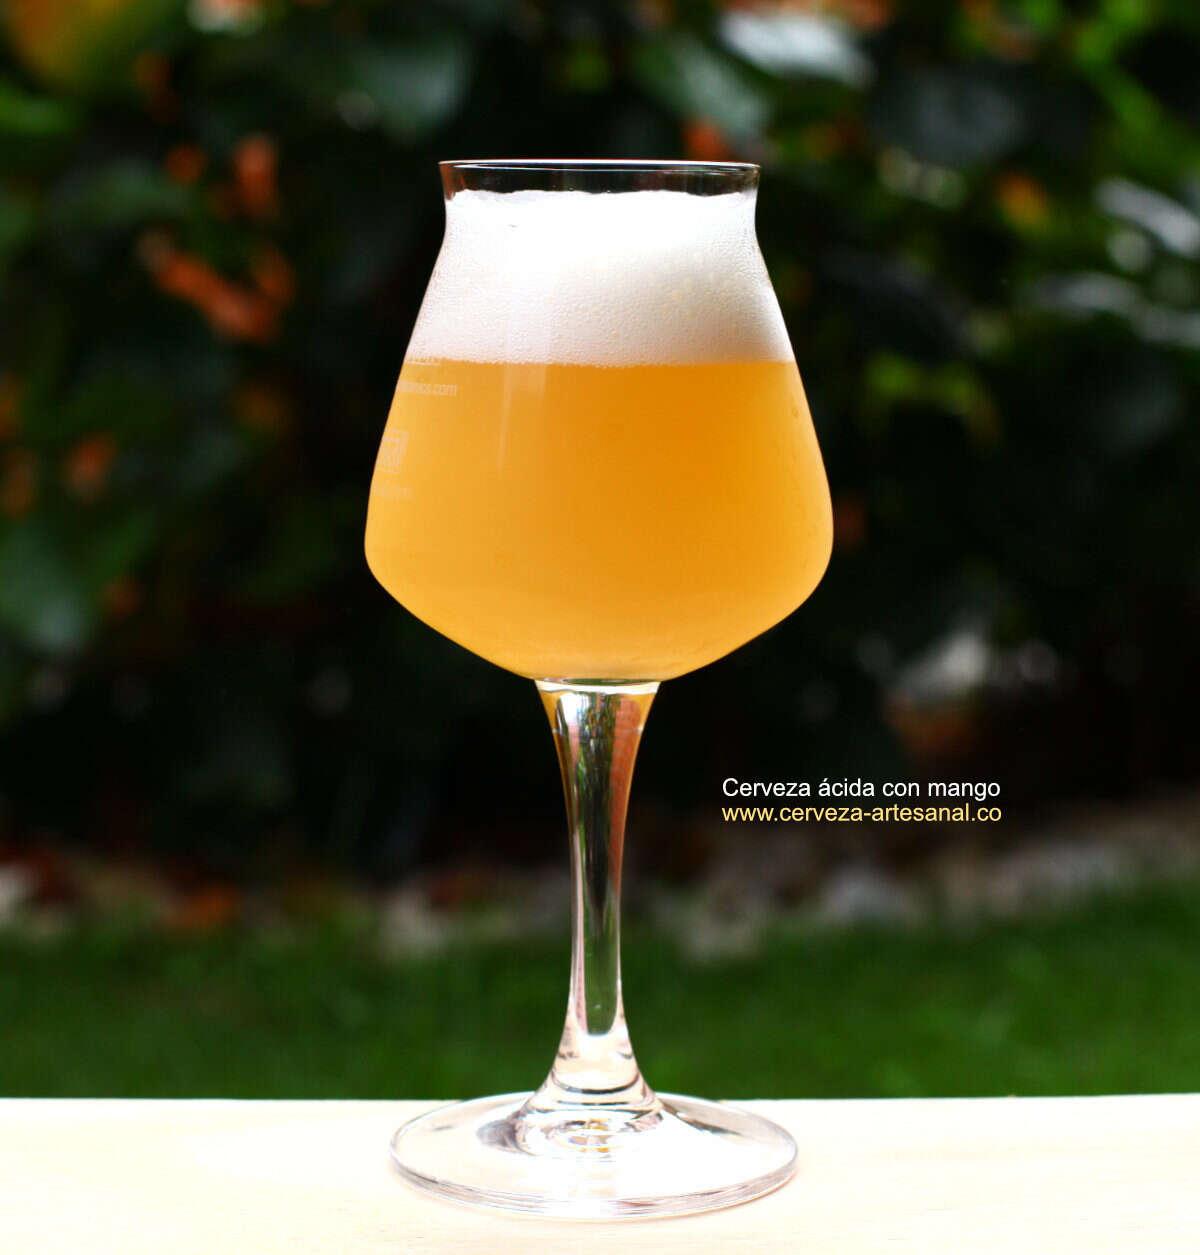 Cerveza ácida con mango